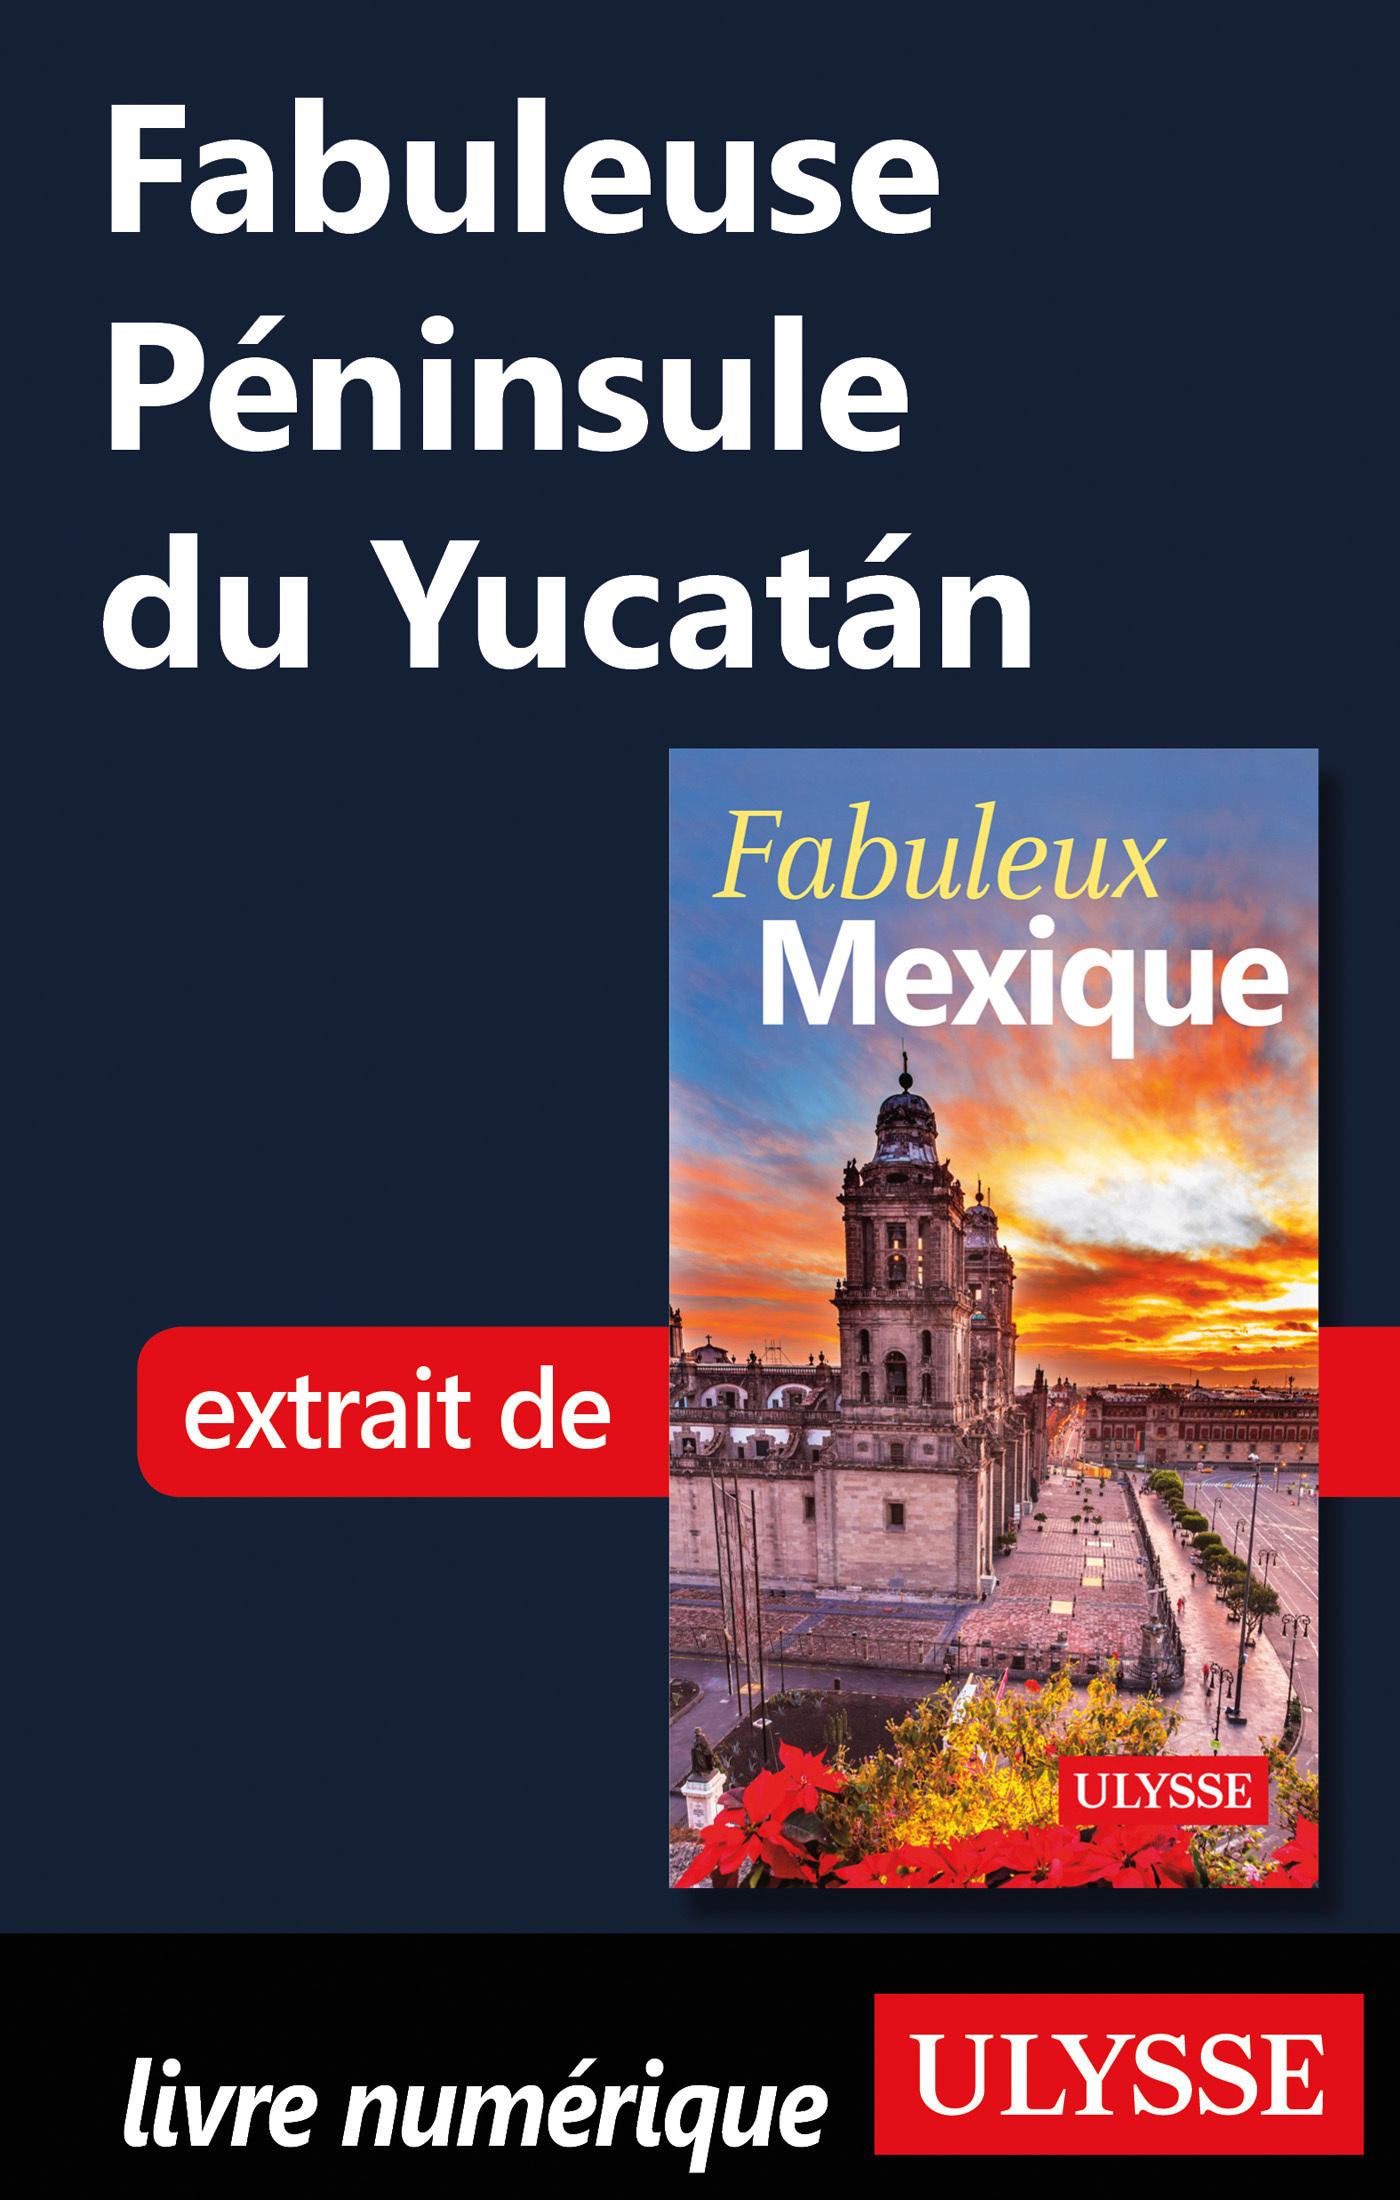 Fabuleuse Péninsule du Yucatan